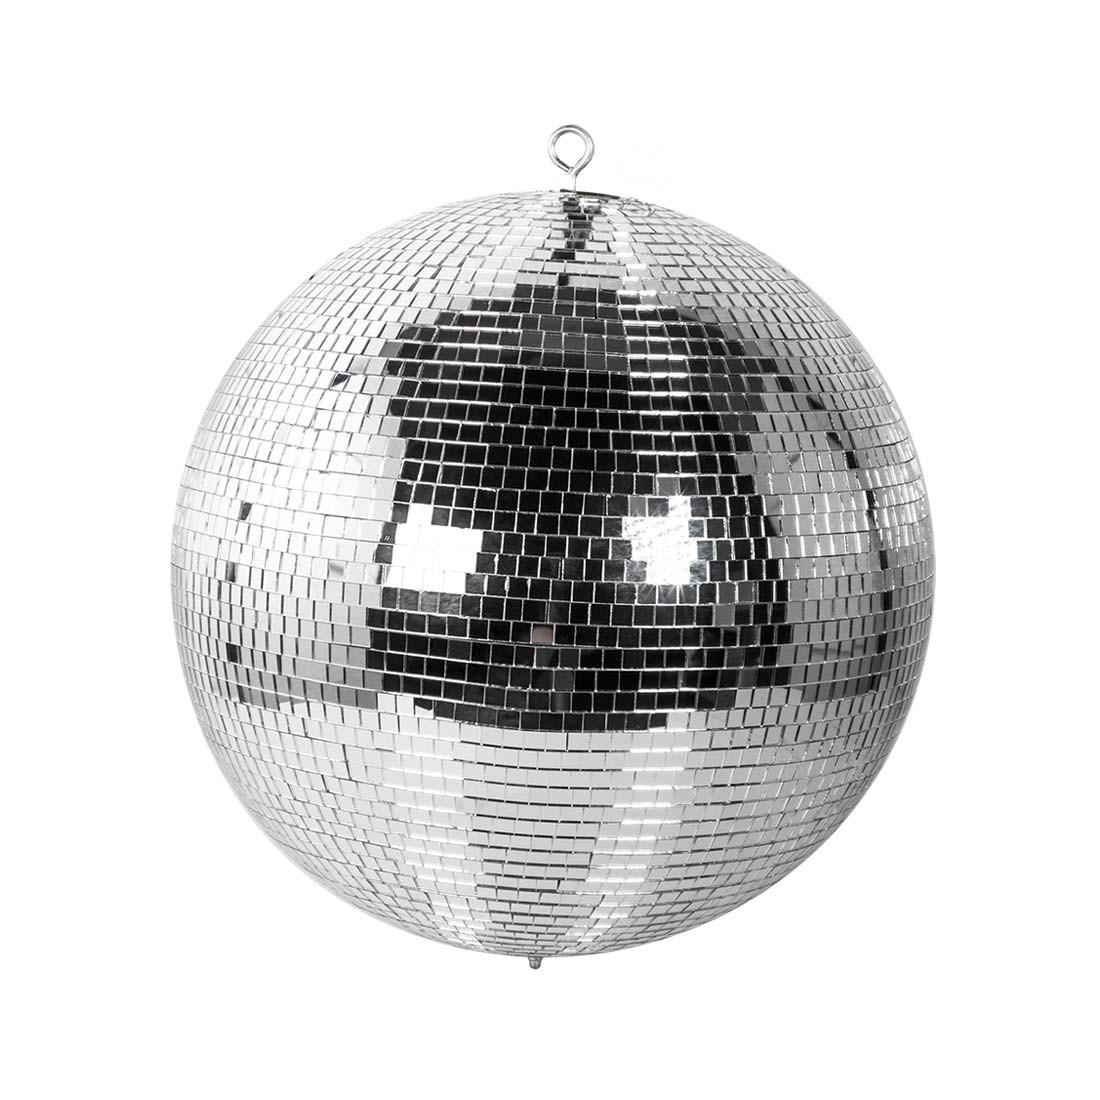 Sfera Da Discoteca Prezzo.Pro Light Mirror Ball 40 Sfera Da Discoteca Con Specchi Bianchi